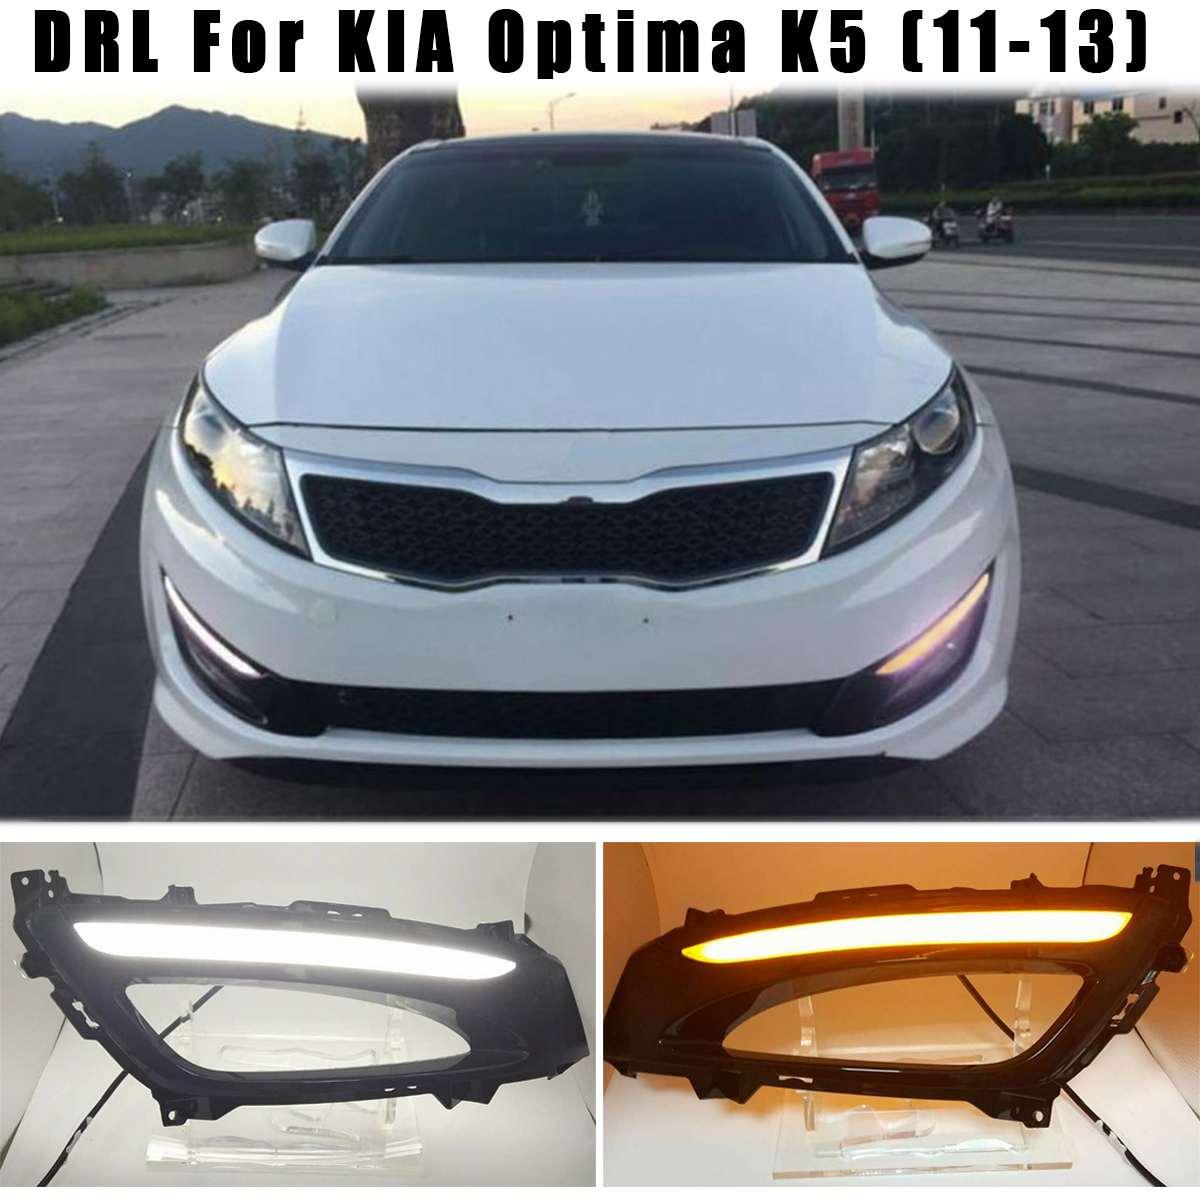 1Pair For Kia Optima K5 2011 2012 2013 LED White DRL Daytime Running Light Fog Lights Lamps Amber Turn Signal Light